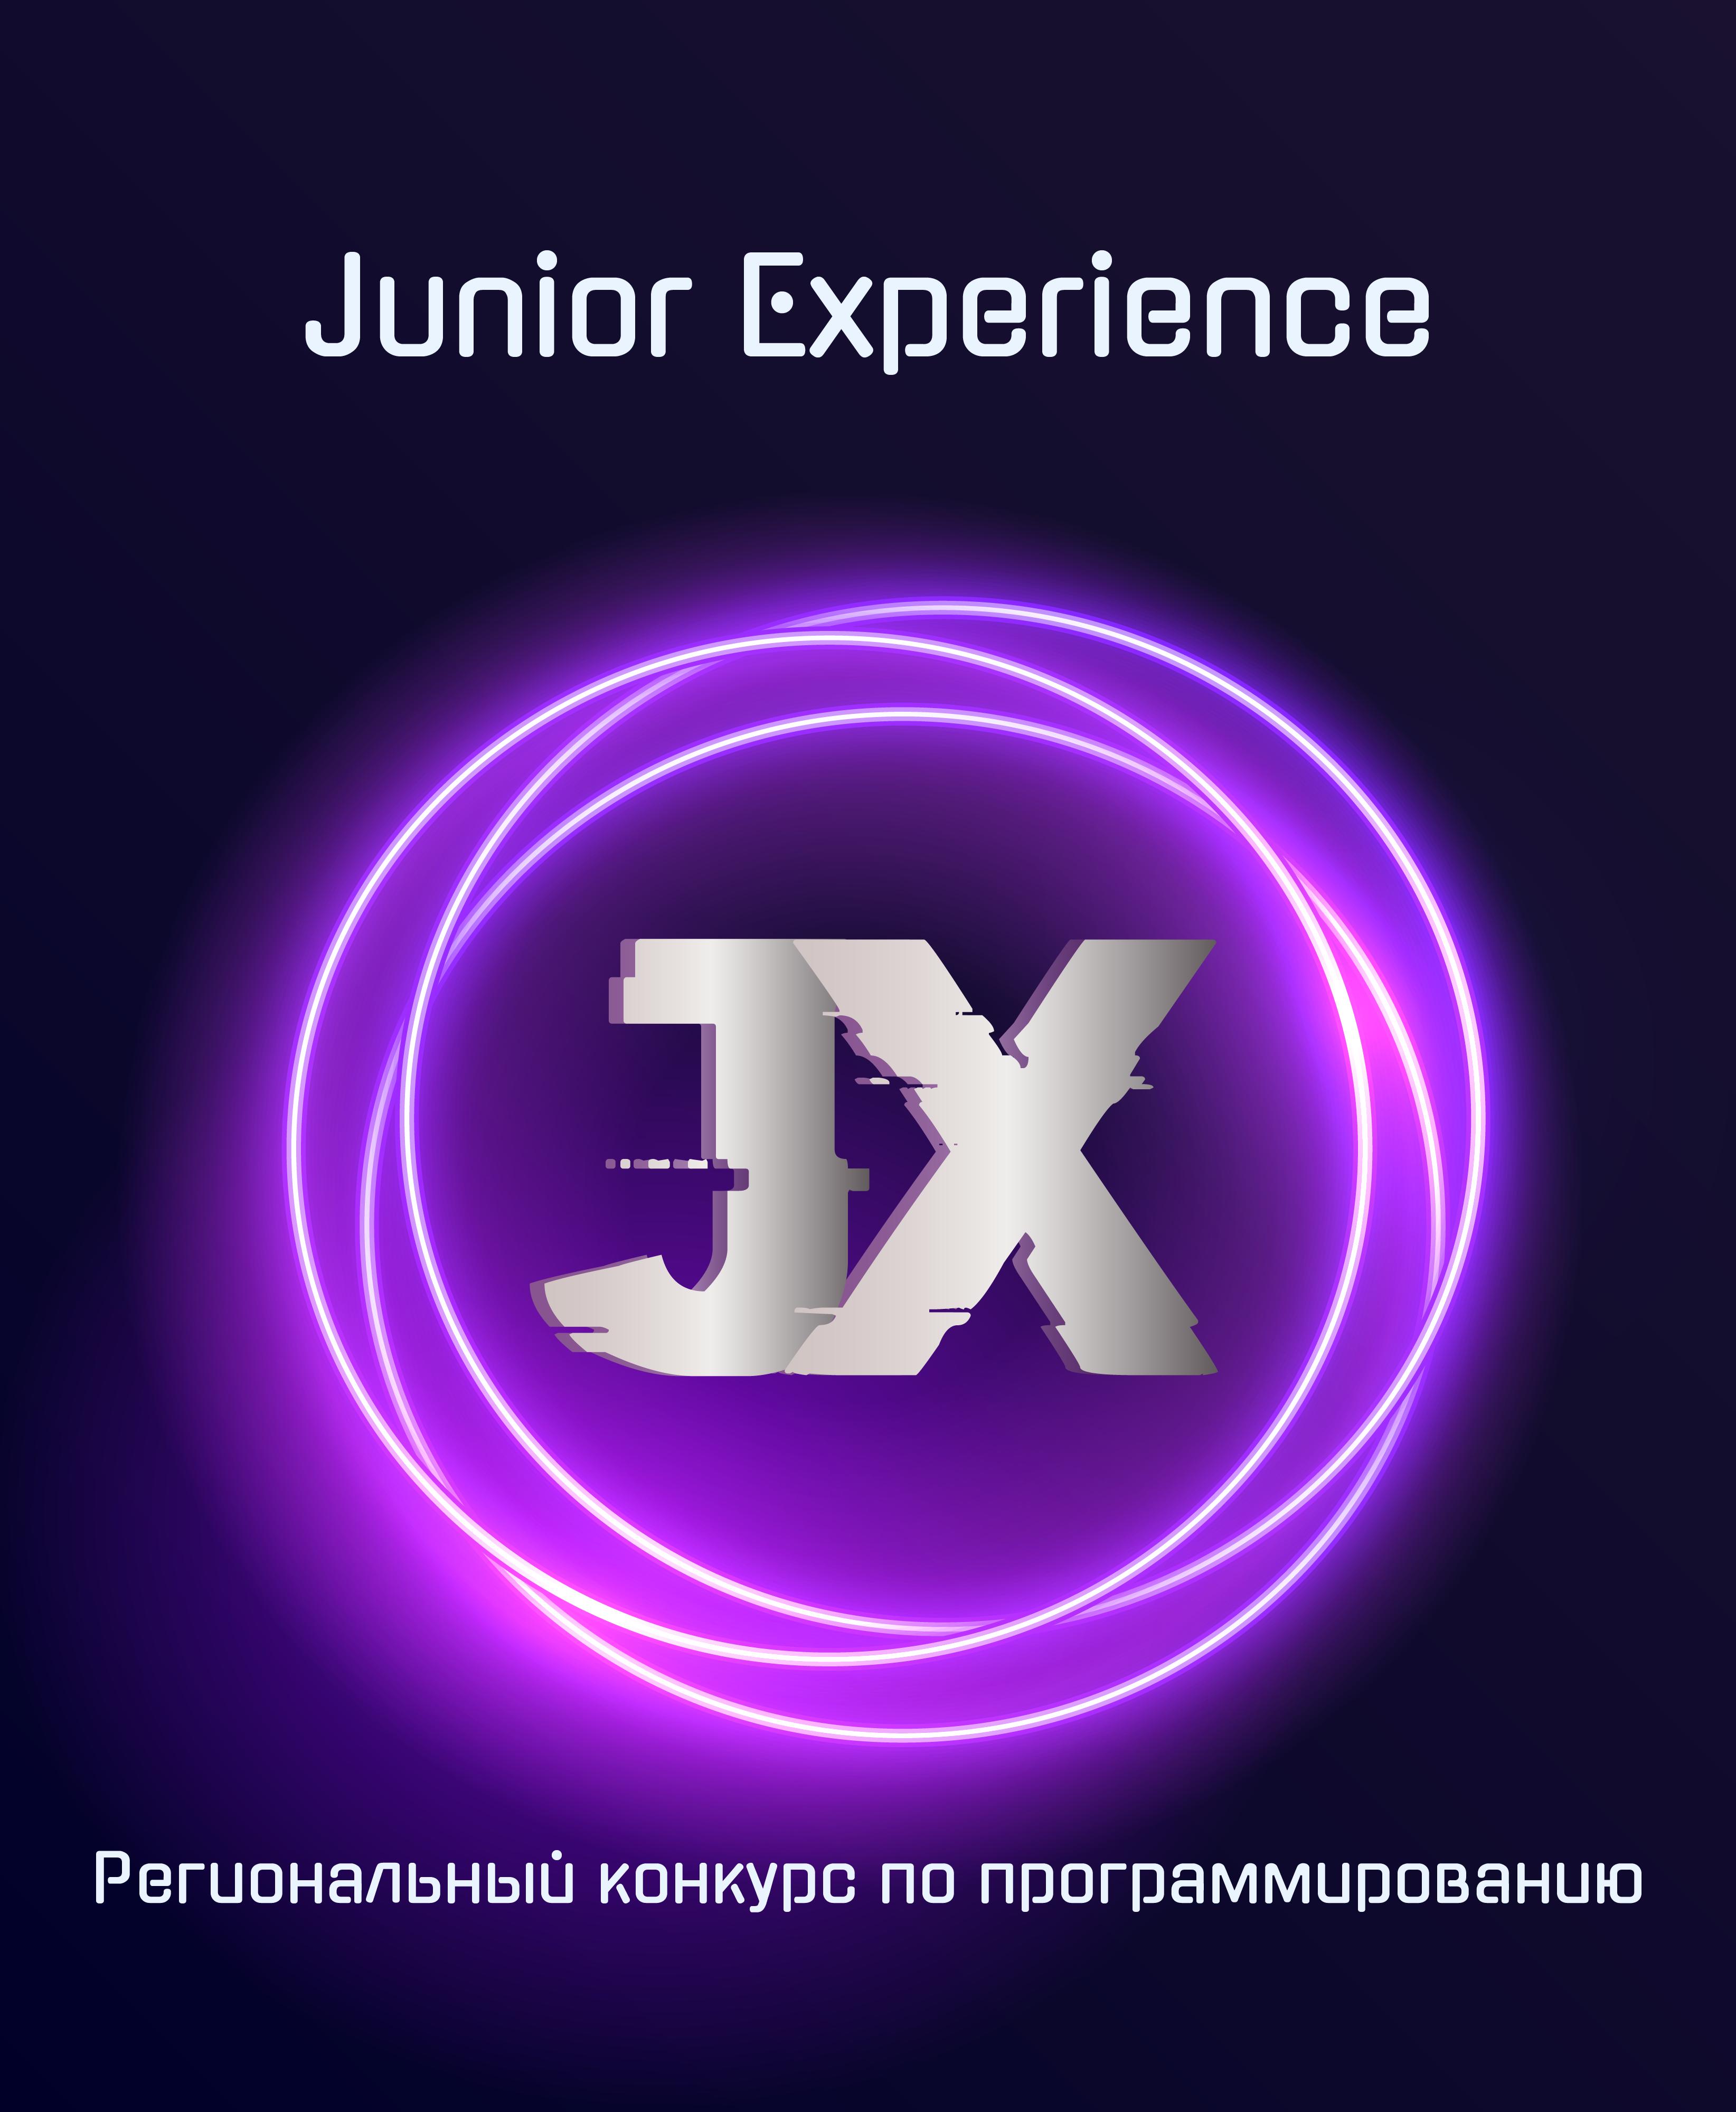 Junior Experience